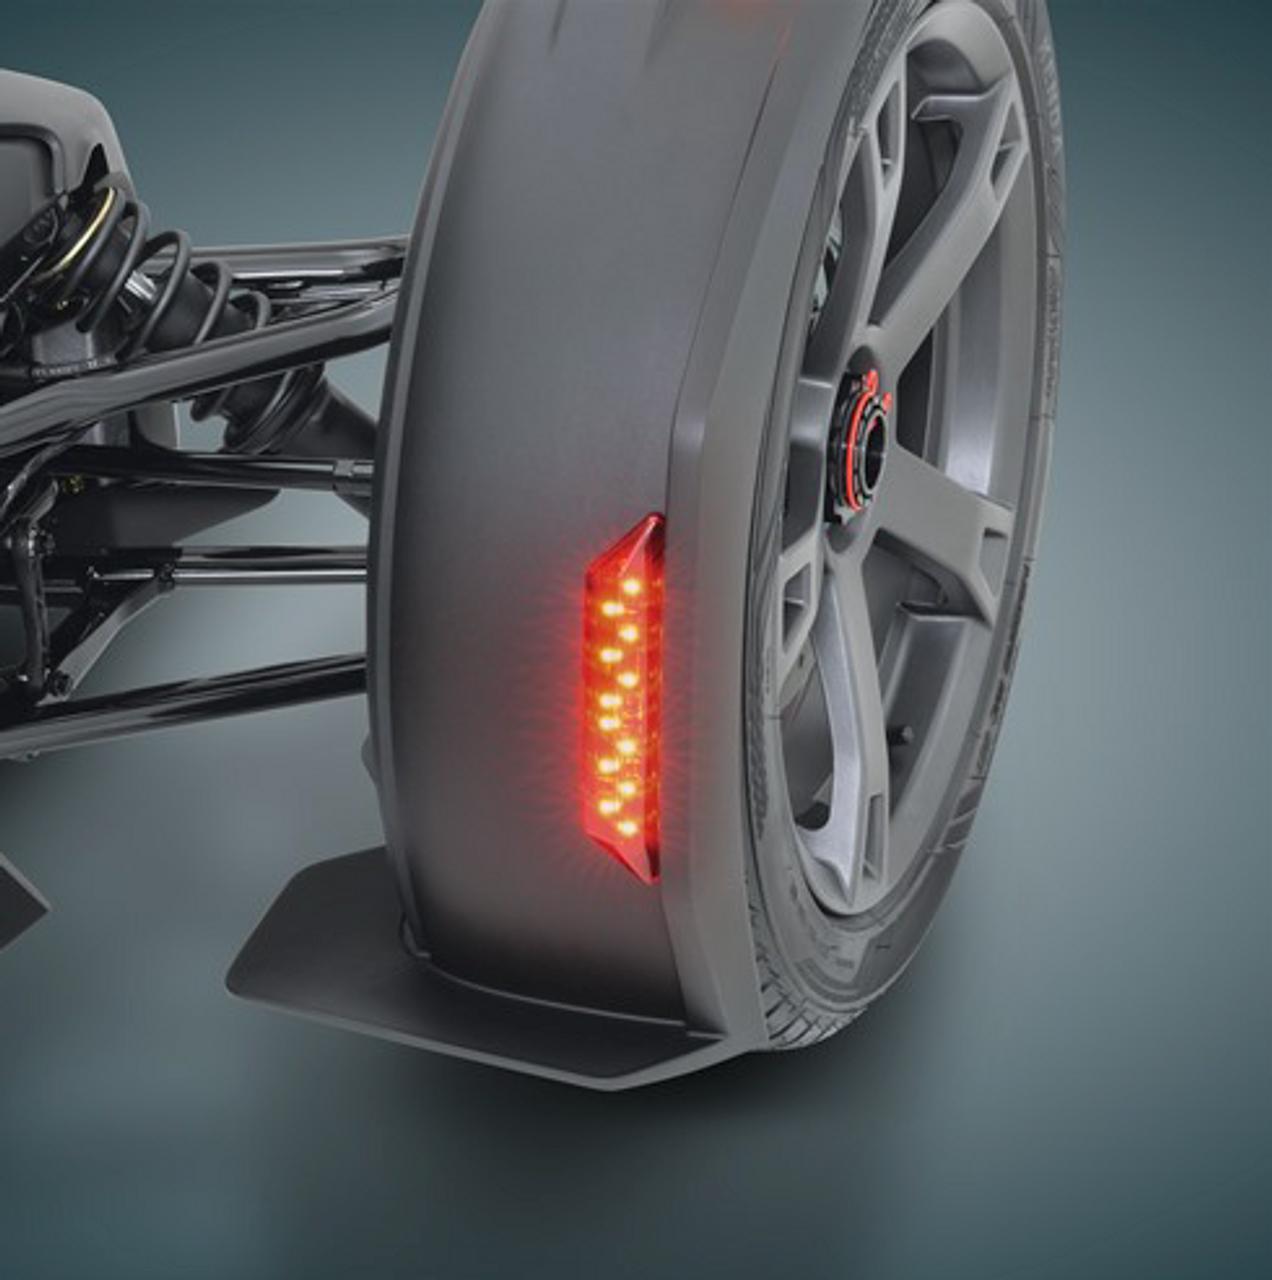 Ryker - Rear Front Fender red LED light